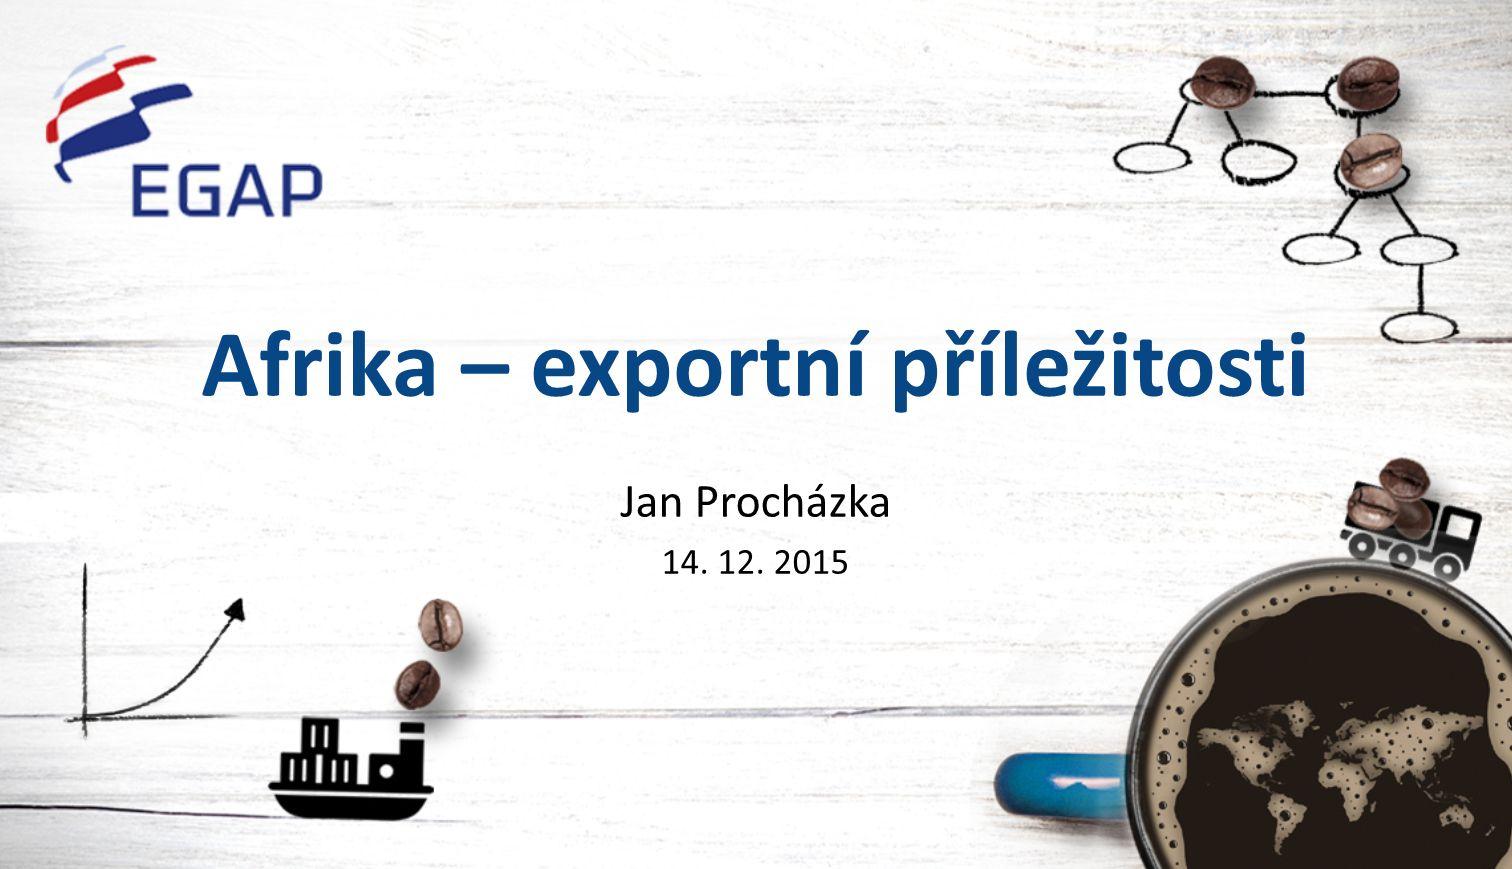 Afrika – exportní příležitosti Jan Procházka 14. 12. 2015